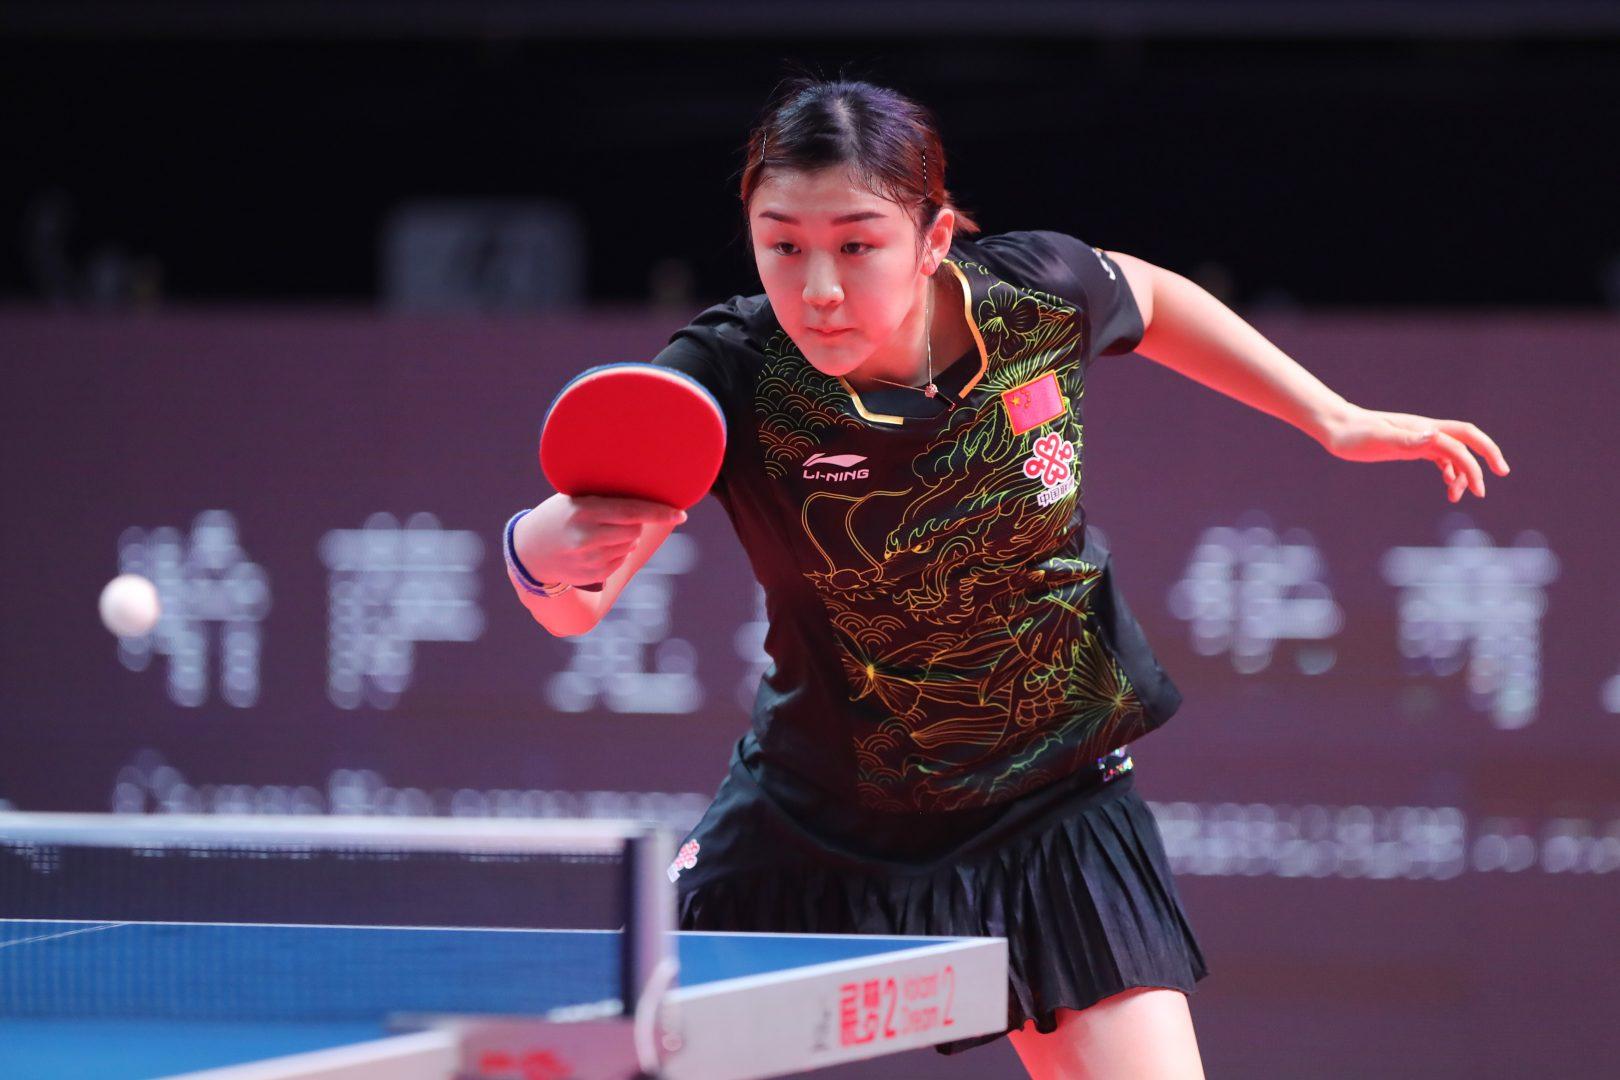 新ランキング制度開始で大幅変動あり 陳夢が初の1位に | 卓球女子世界ランキング(2018年1月最新発表)